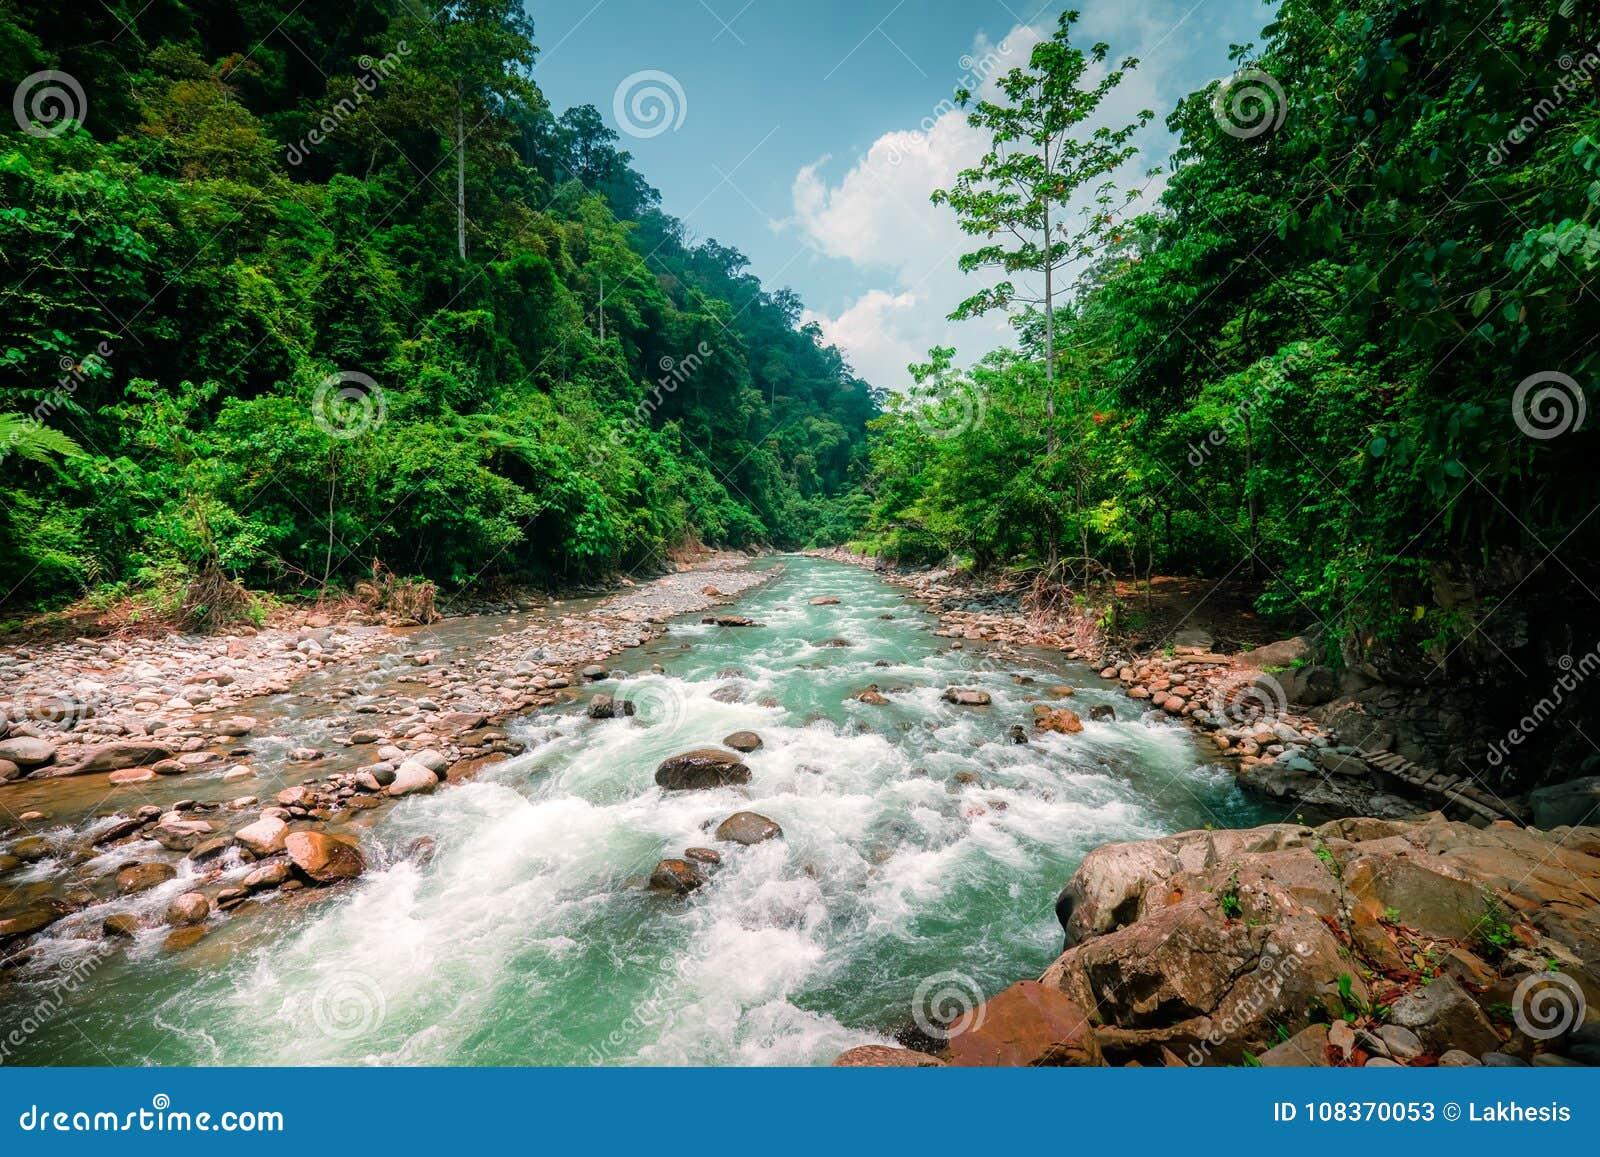 Hedendaags Magisch Landschap Van Regenwoud En Rivier Het Noorden Sumatra GJ-31